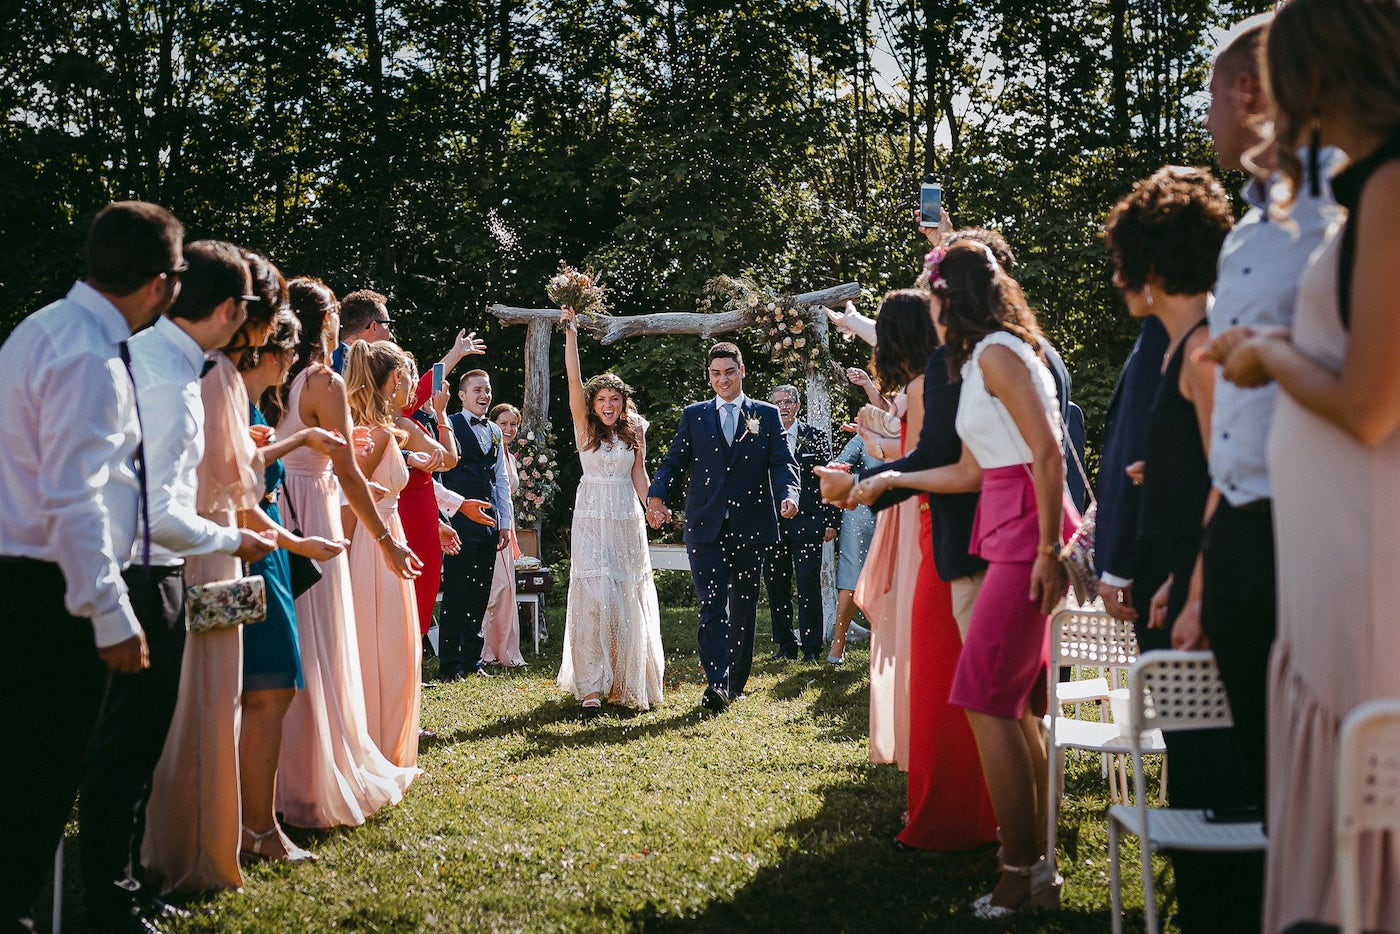 Jaunā pāra emocija pēc kāzu ceremonijas brīvā dabā. Tradīcija ar rīsu mešanu.